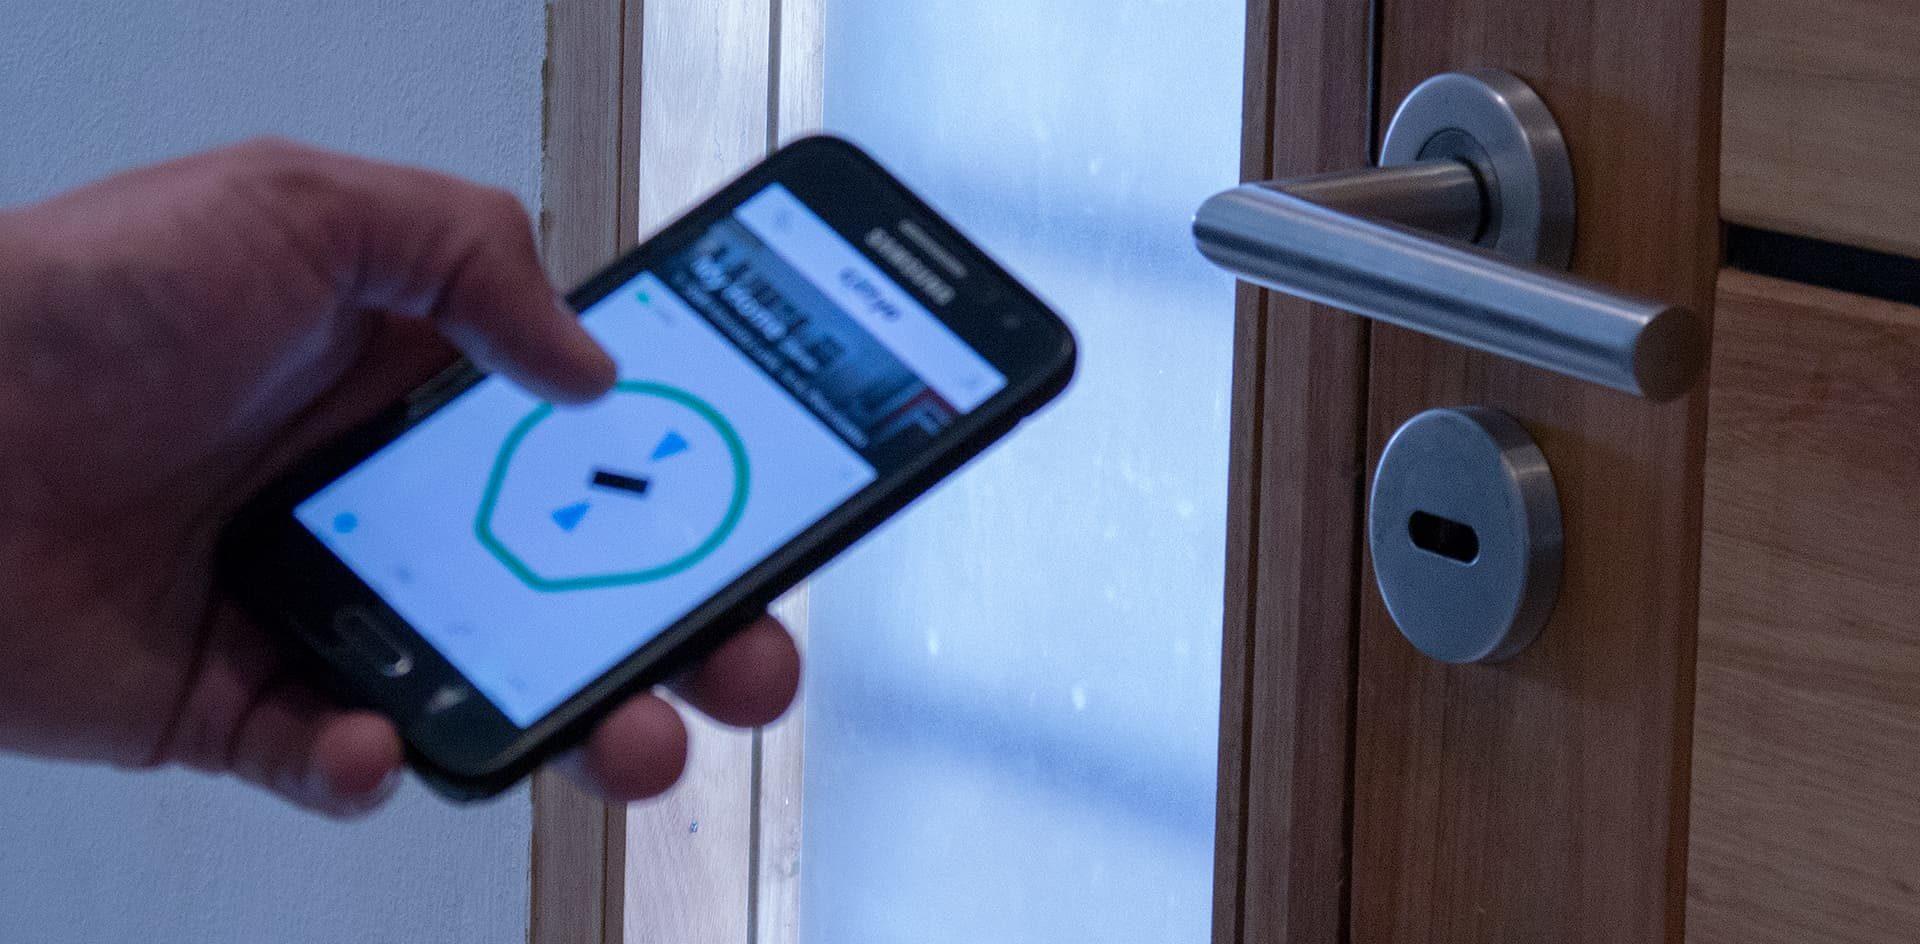 """Emprendedores de la UNC desarrollaron un """"llavero digital"""" que utiliza el celular para habilitar el ingreso a edificios"""